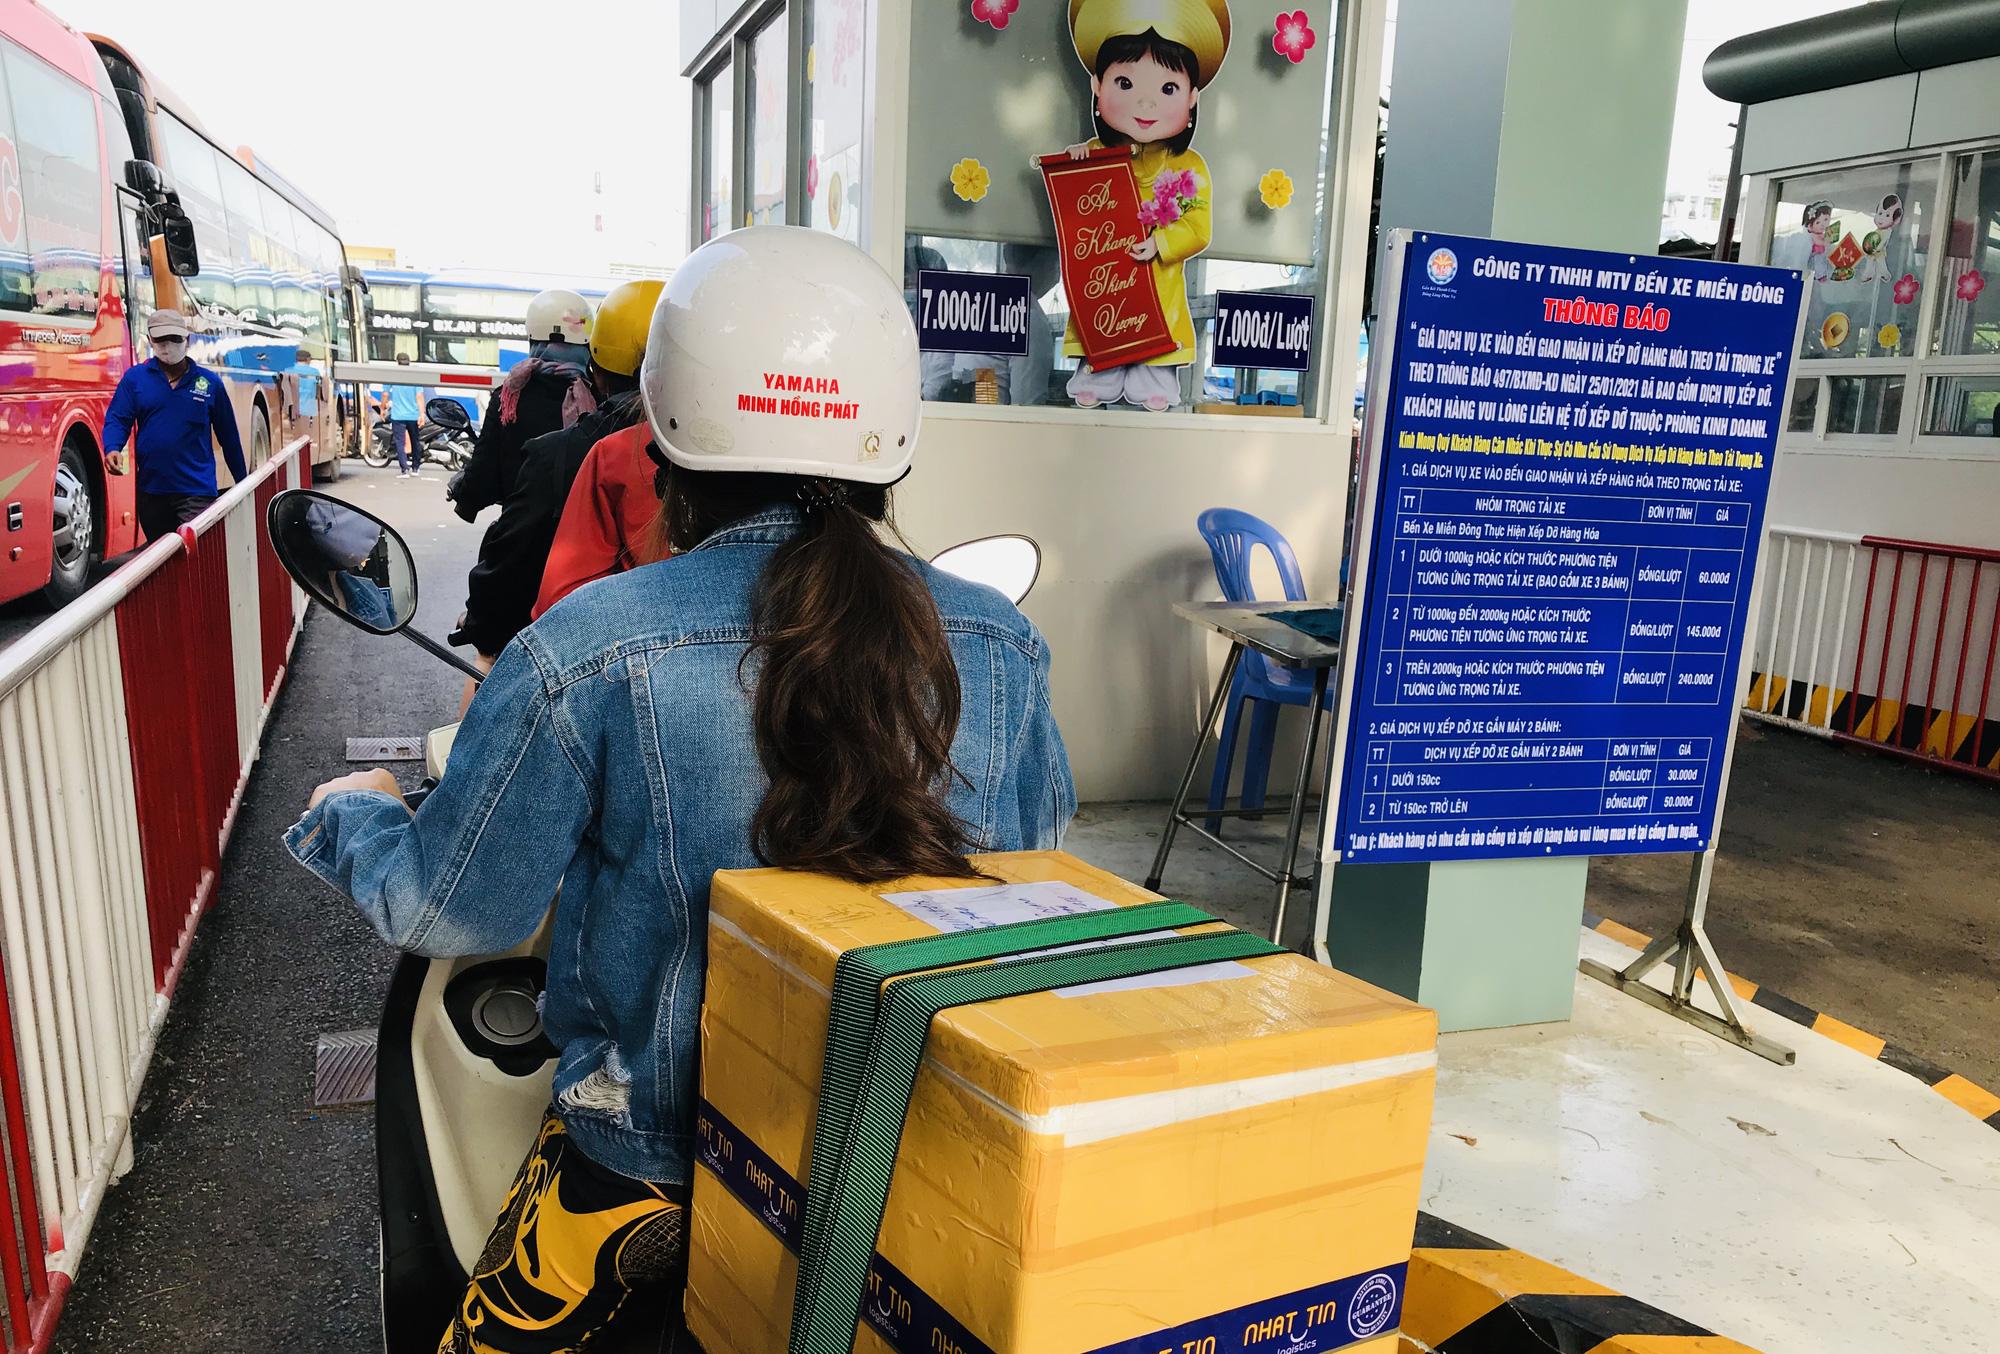 Bến xe Miền Đông ngày 25 Tết trống trơn, khách gửi cái nồi cơm điện cho mẹ, hẹn Tết năm sau sẽ về - Ảnh 7.